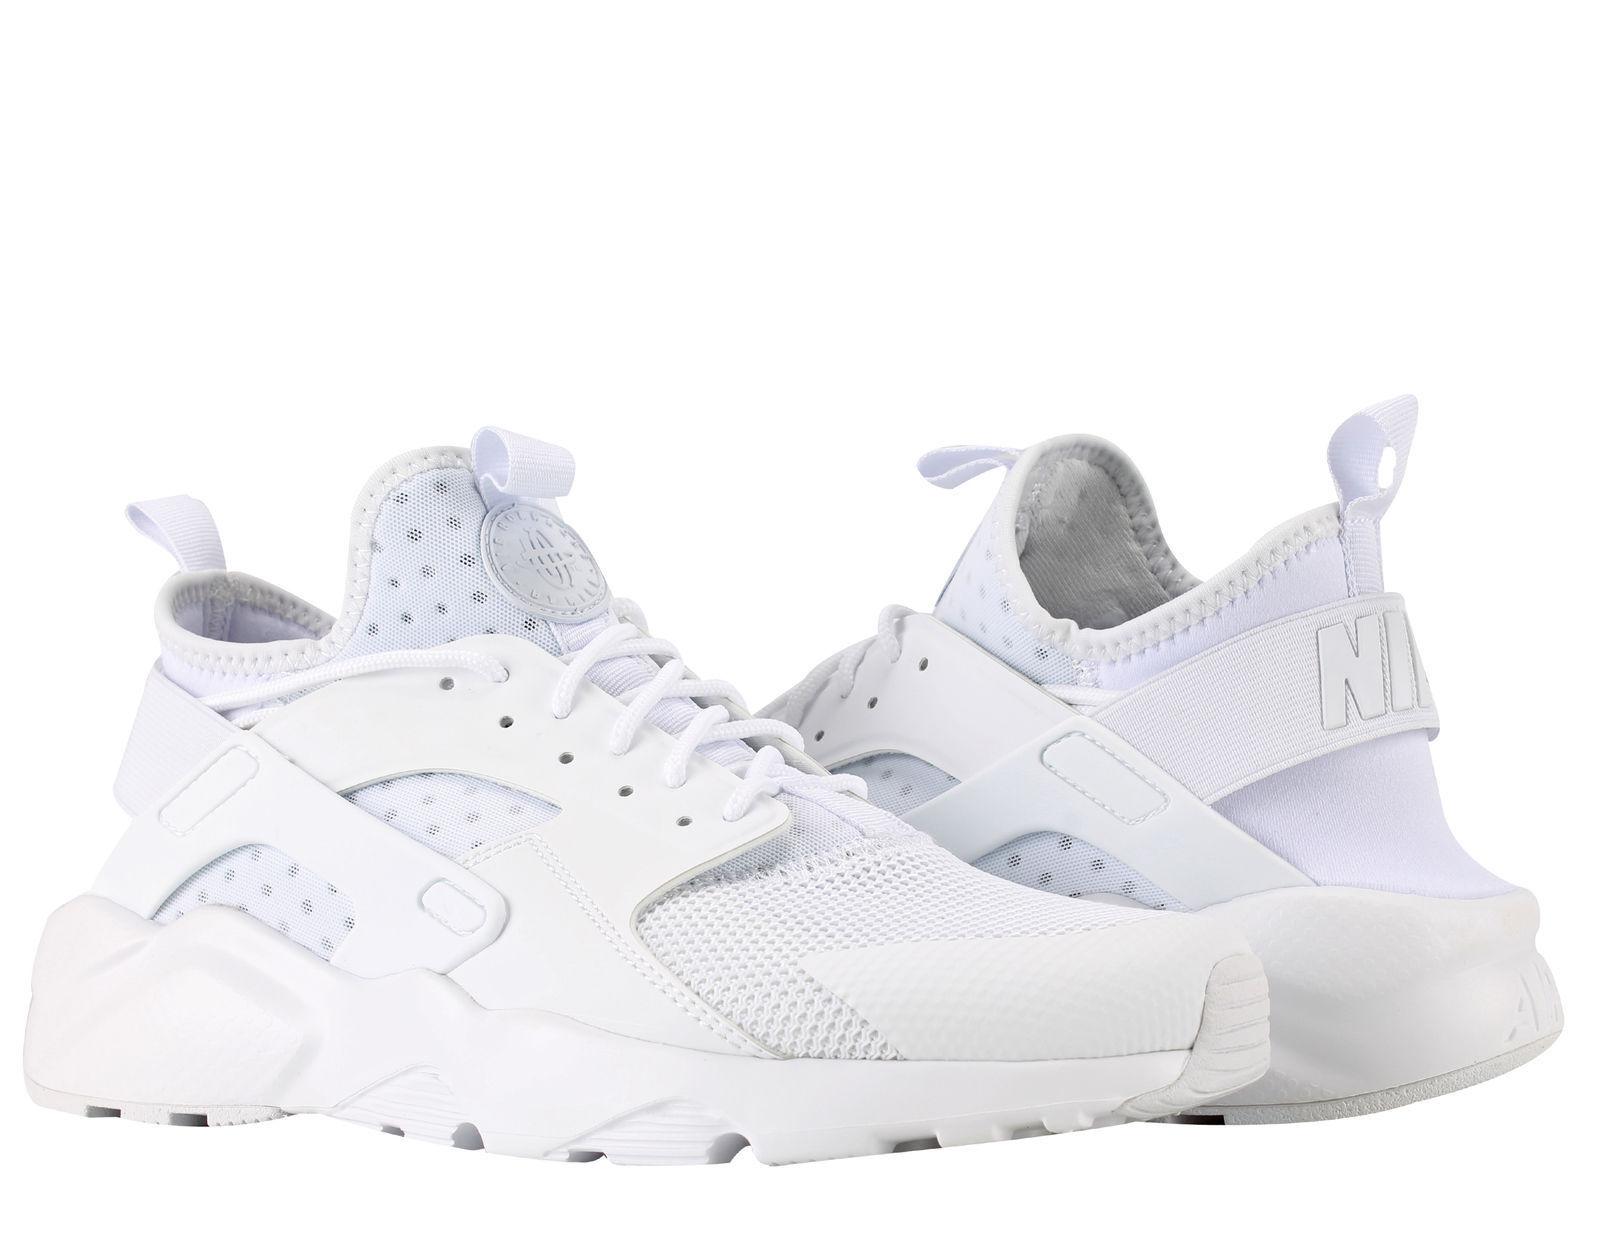 819685-101 Men's Nike Air Huarache Run Ultra White White White White Sizes 8-12 New in Box 47e944